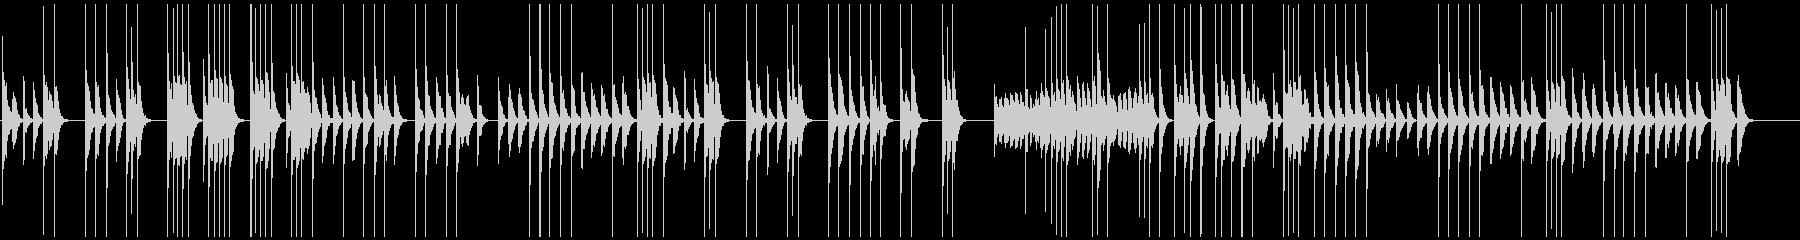 映像向ほのぼのと温かい木琴で素朴懐かしいの未再生の波形